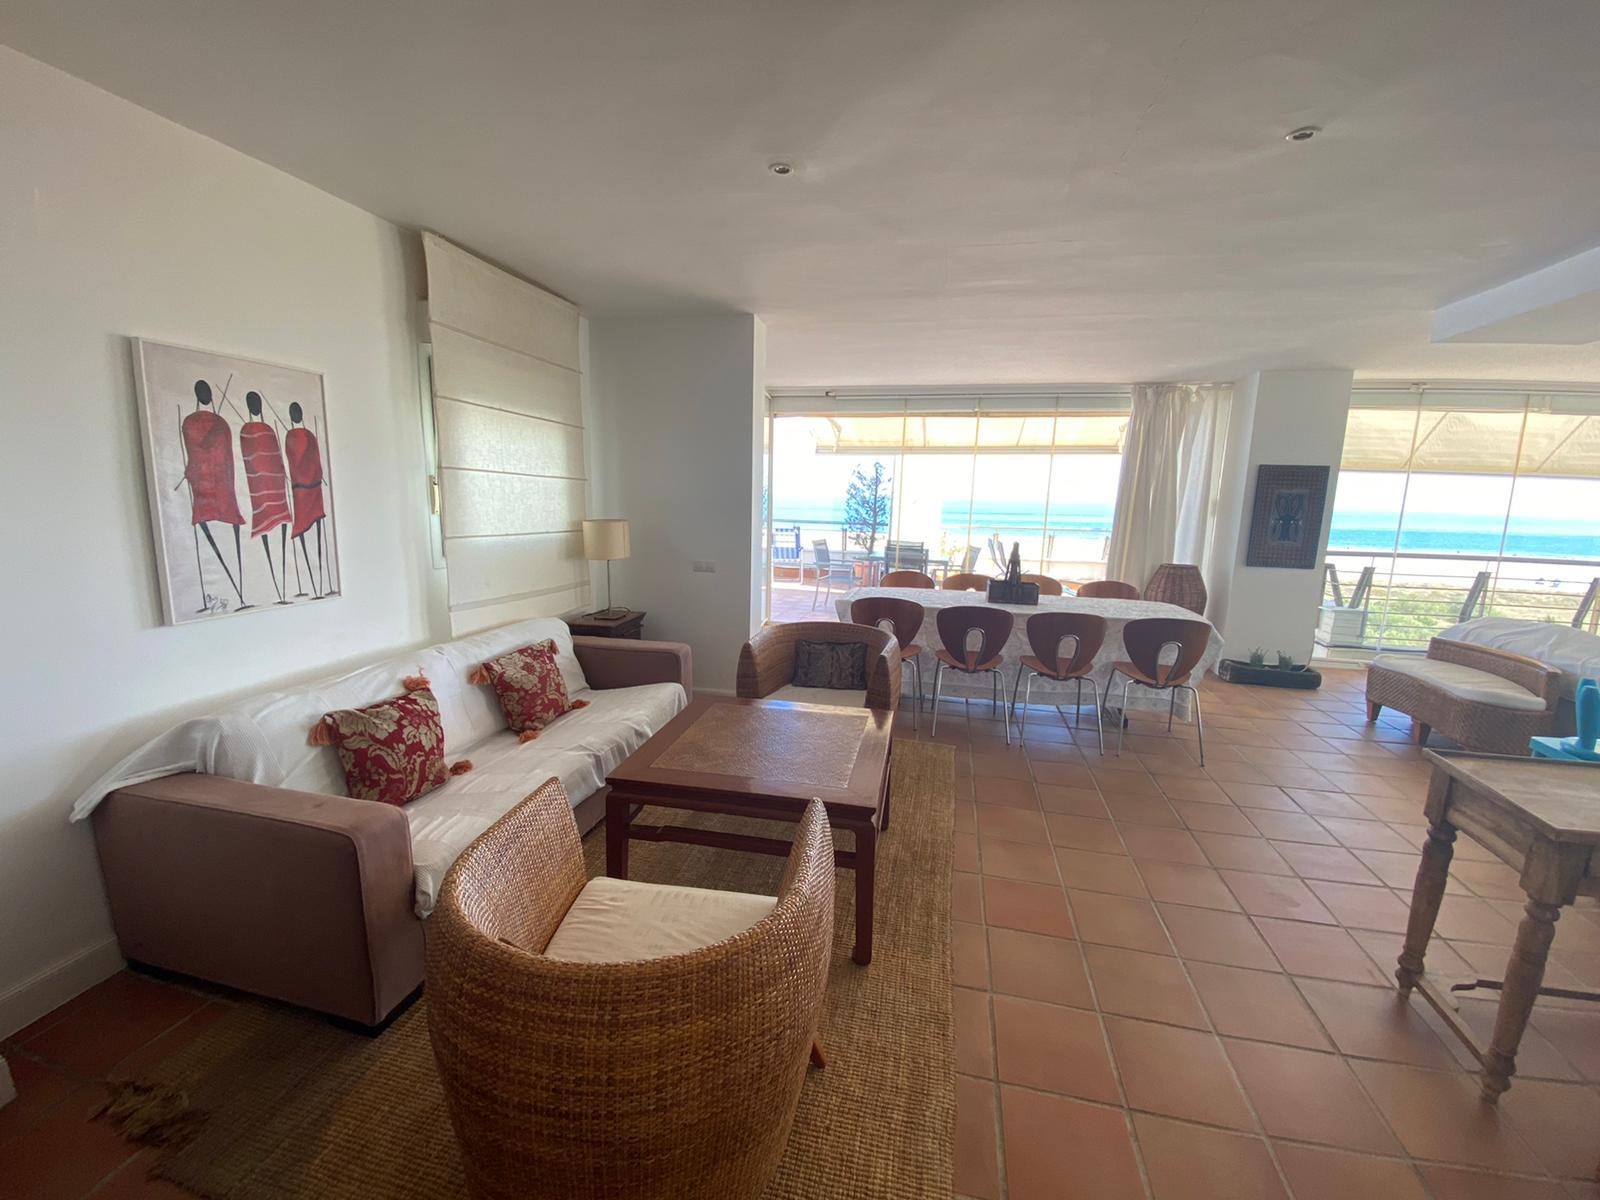 Imagen 8 del Apartamento Turístico, Ático 3 Levante, Frontal (4d+2b), Punta del Moral (HUELVA), Paseo de la Cruz nº22